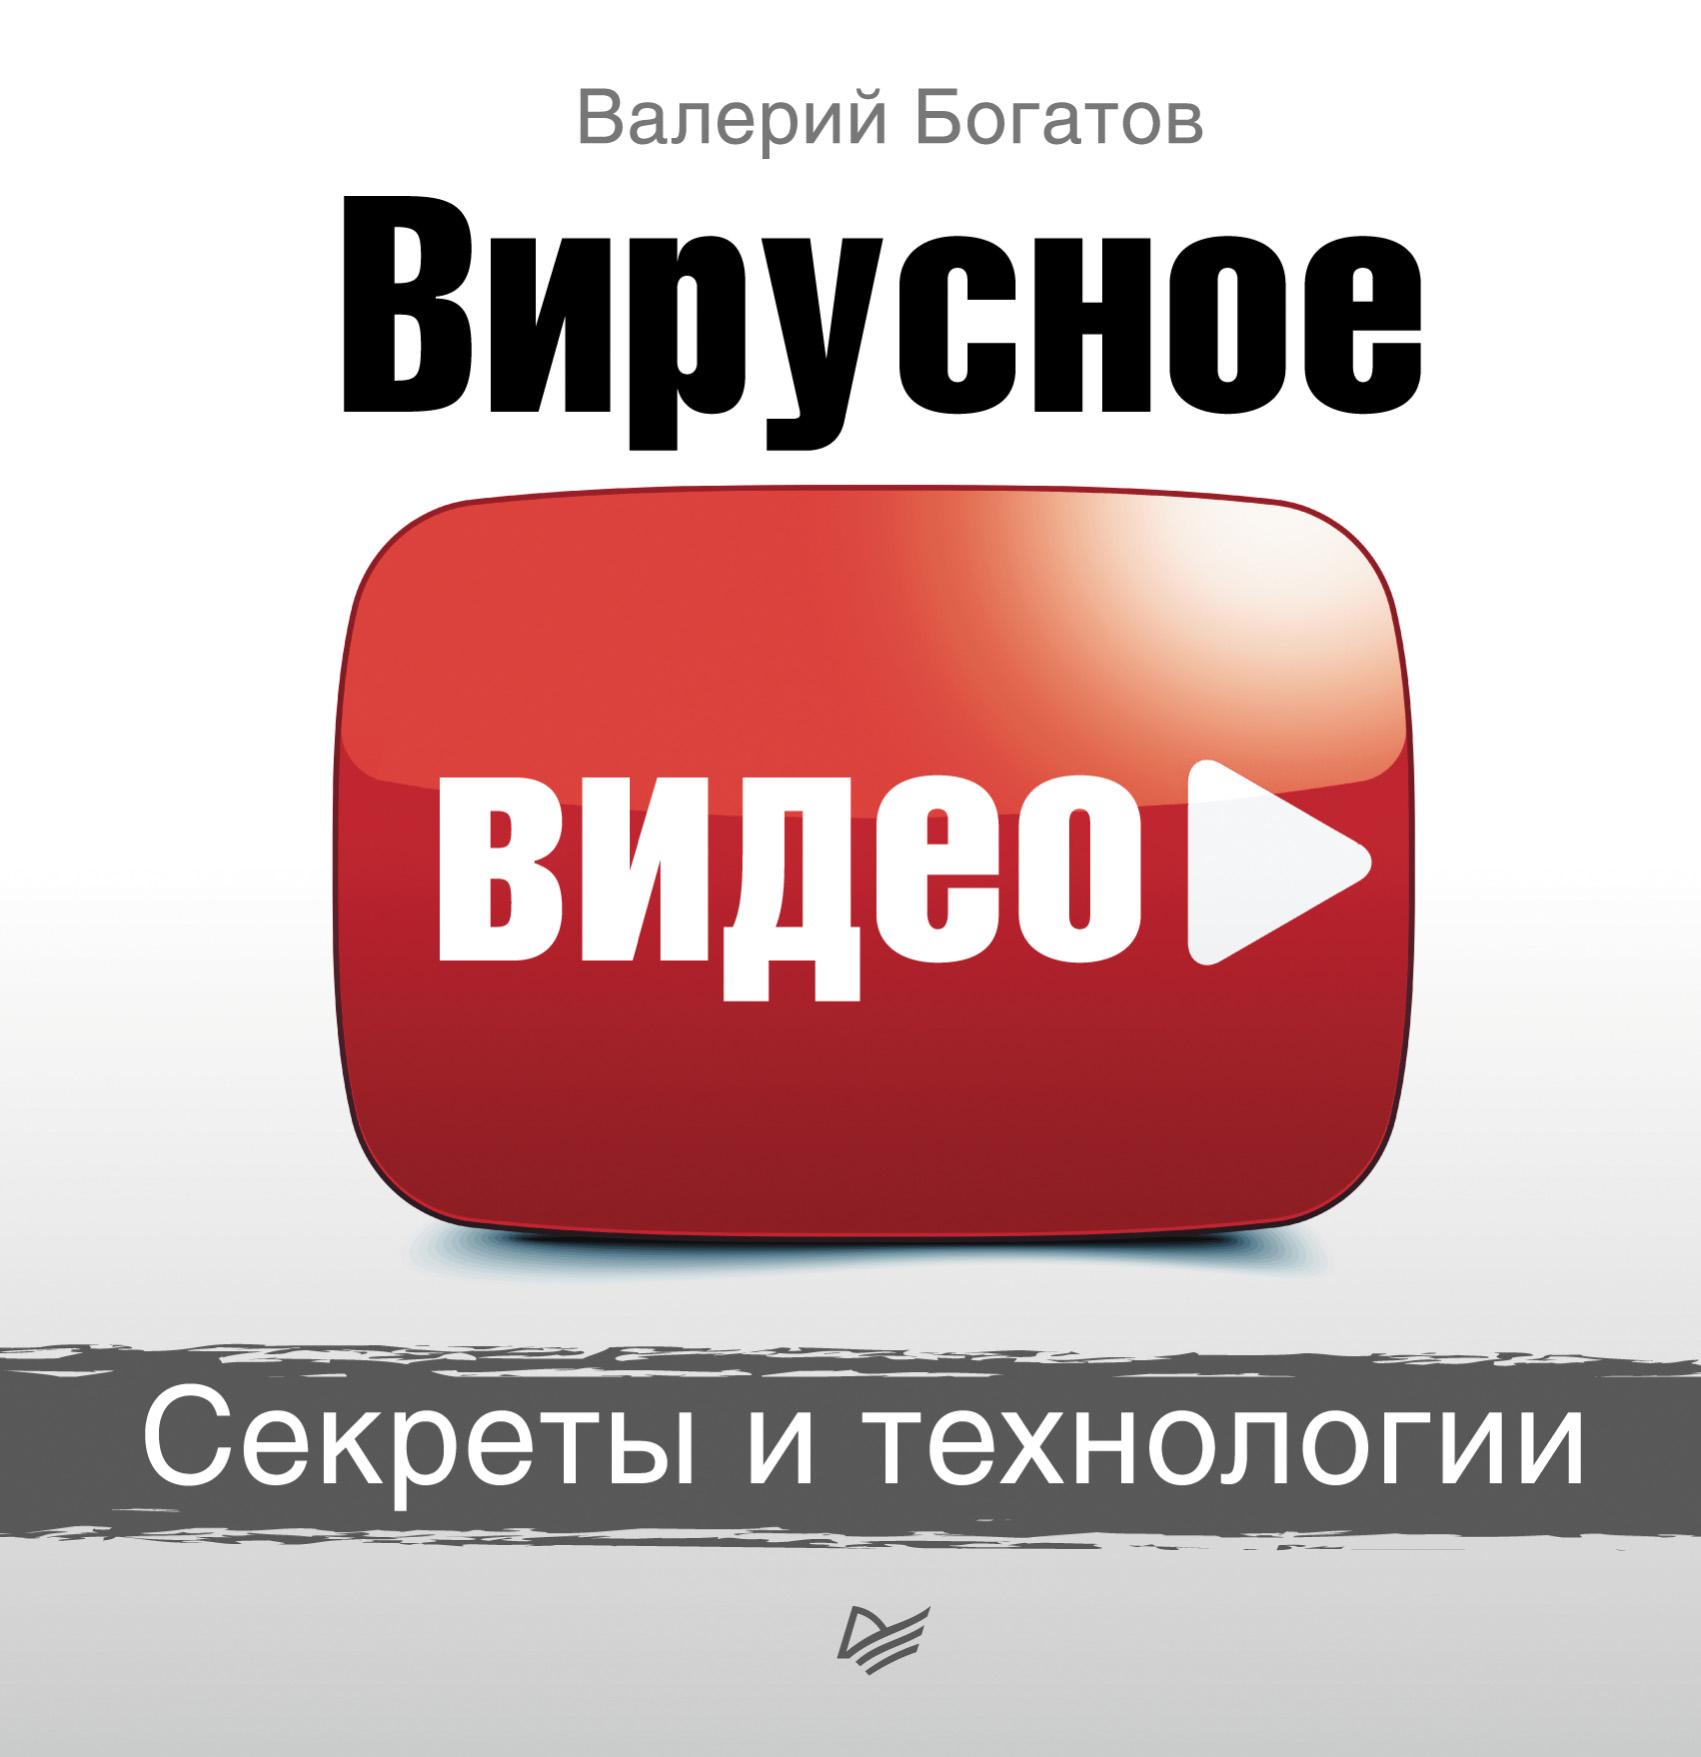 Валерий Богатов Вирусное видео. Секреты и технологии путешествие яйцеклетки видео